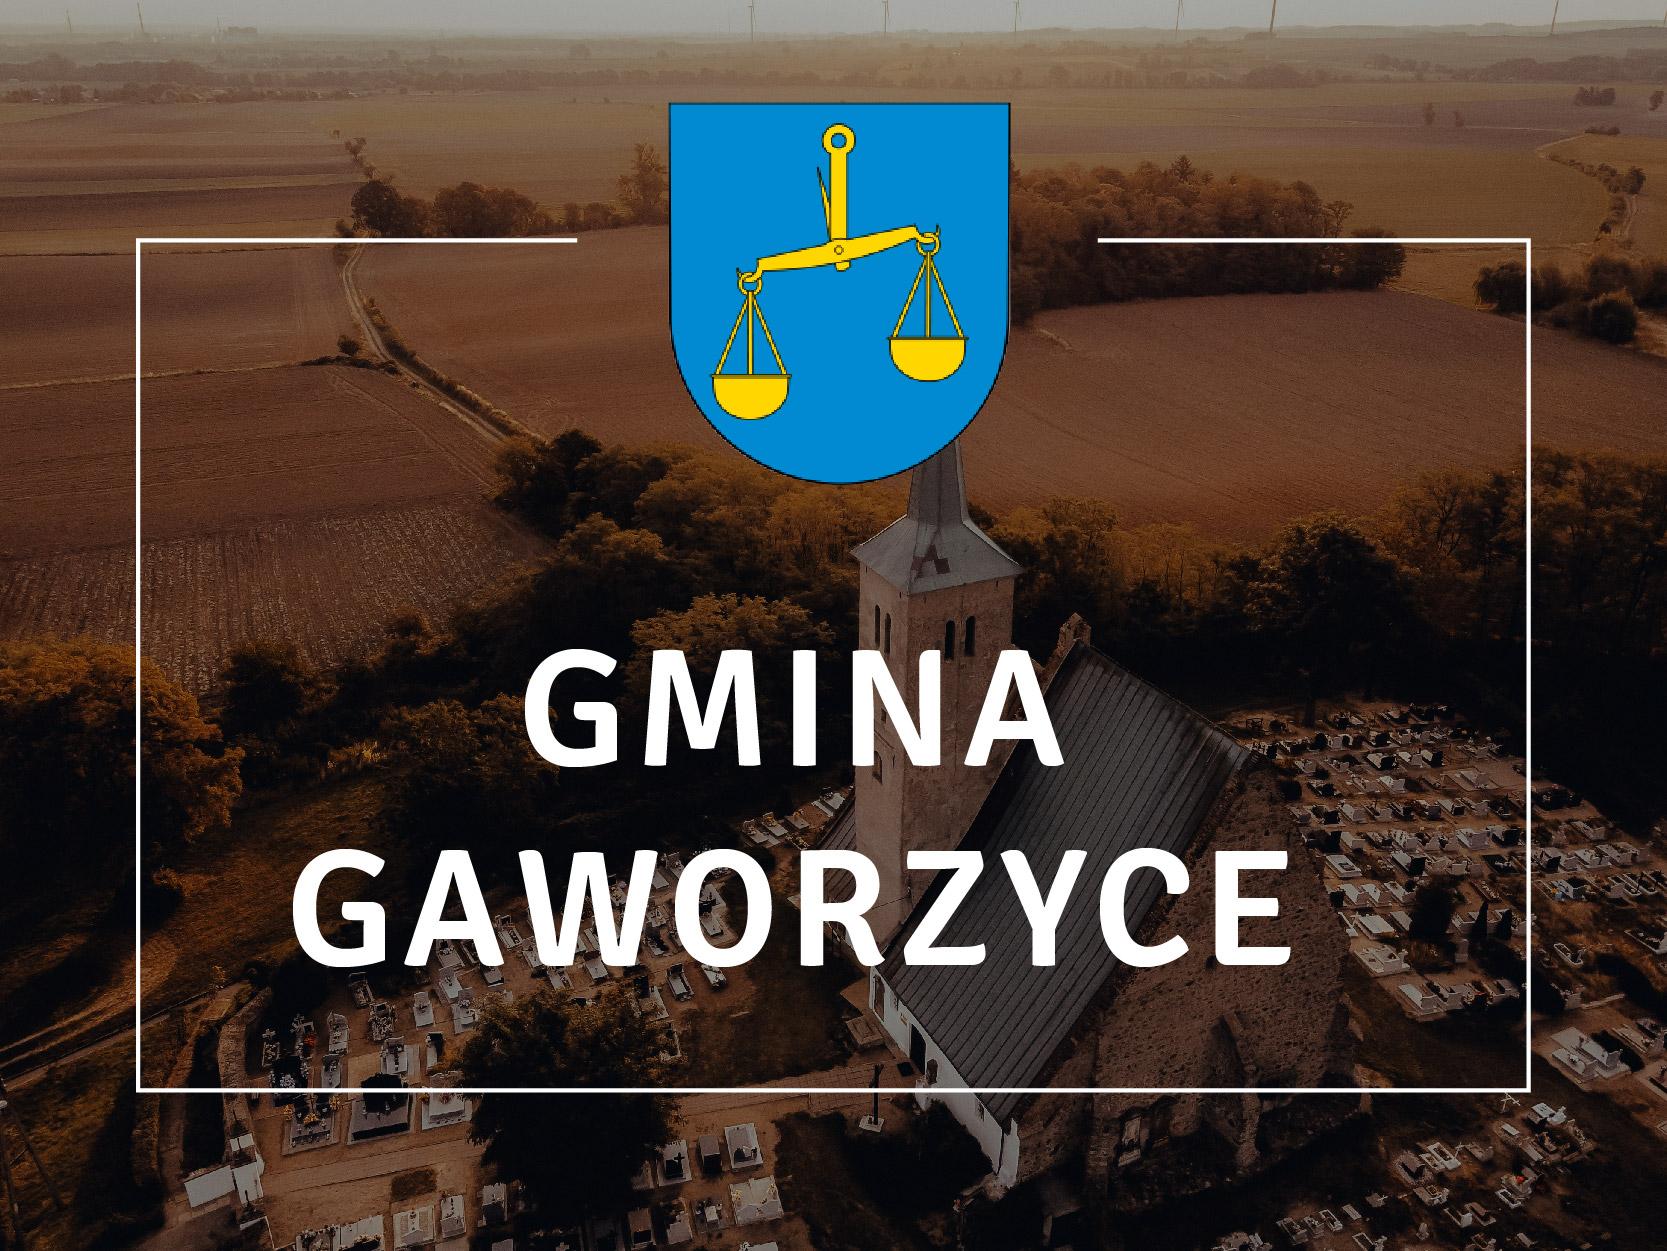 Gmina Gaworzyce